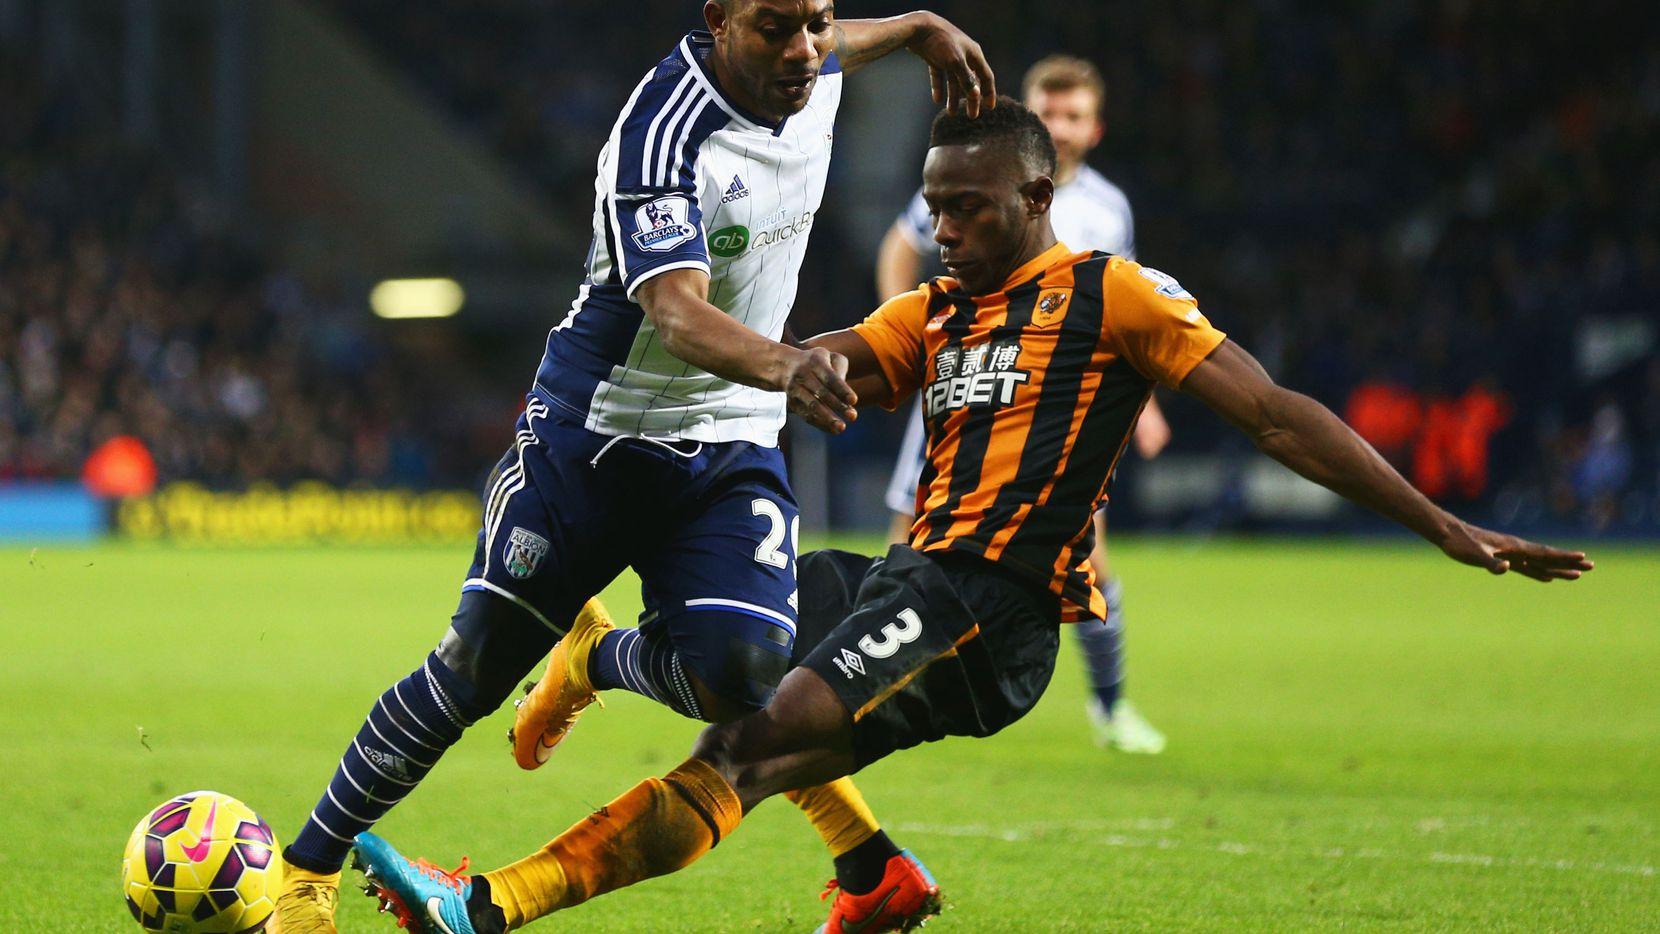 Maynor Figueroa (3) jugó en la Liga Premier con el Wigan y el Hull City. / Fotos:  Getty Images